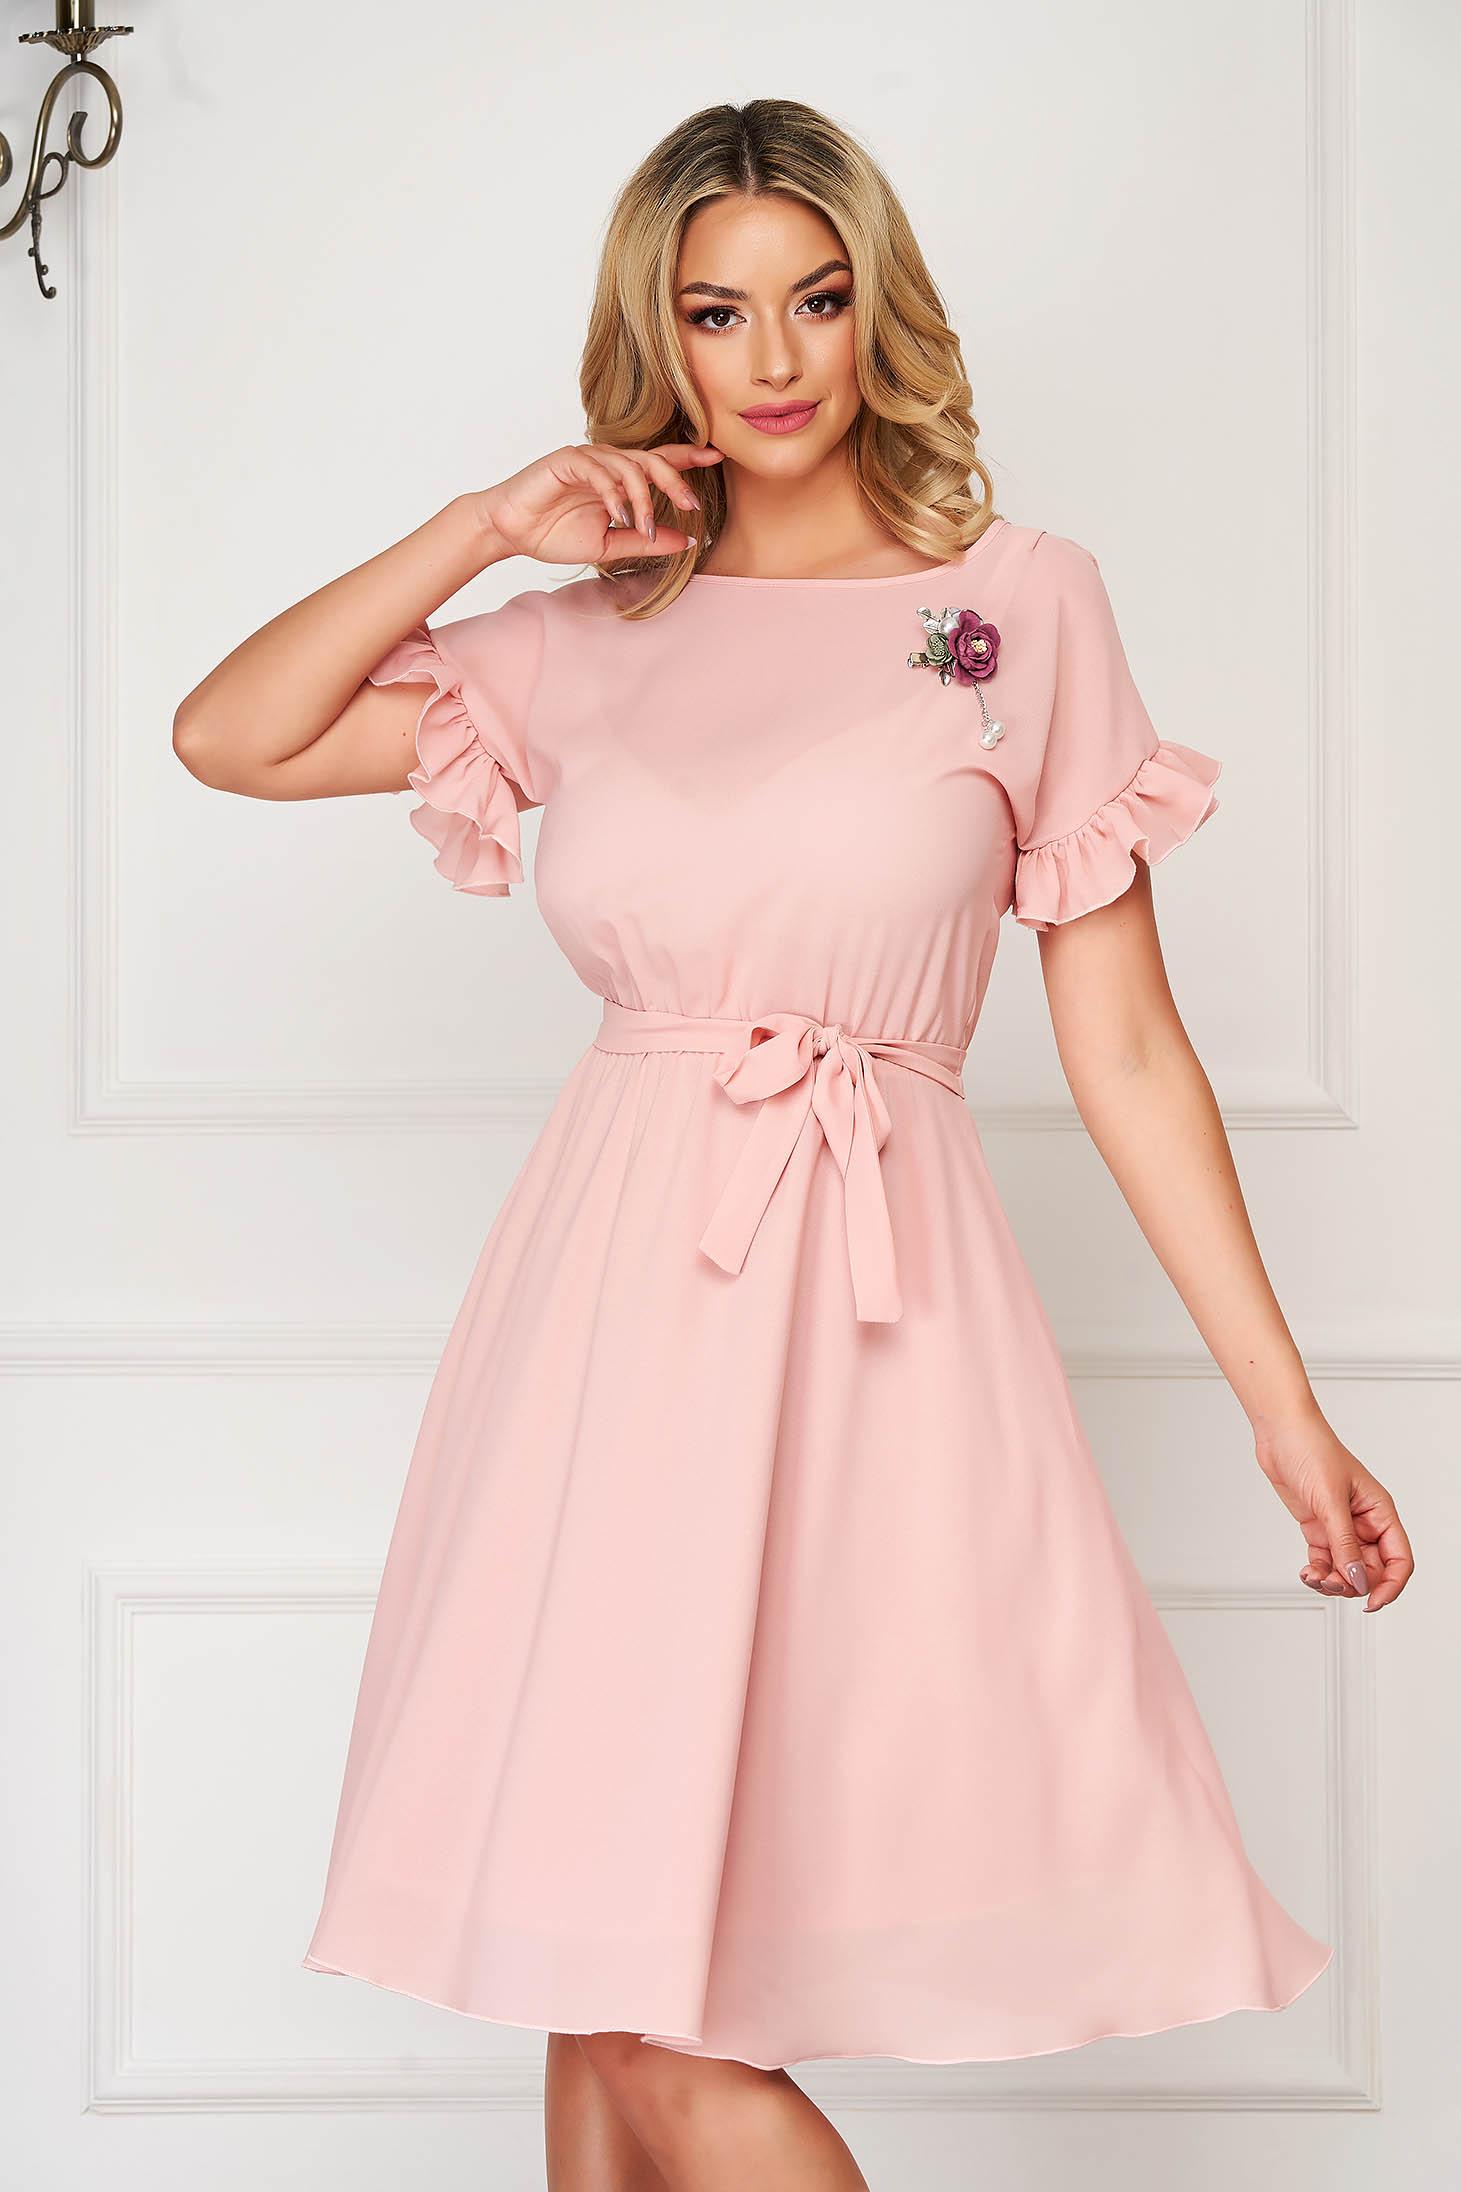 Rochie StarShinerS roz prafuit eleganta midi in clos cu elastic in talie si volanase la maneca